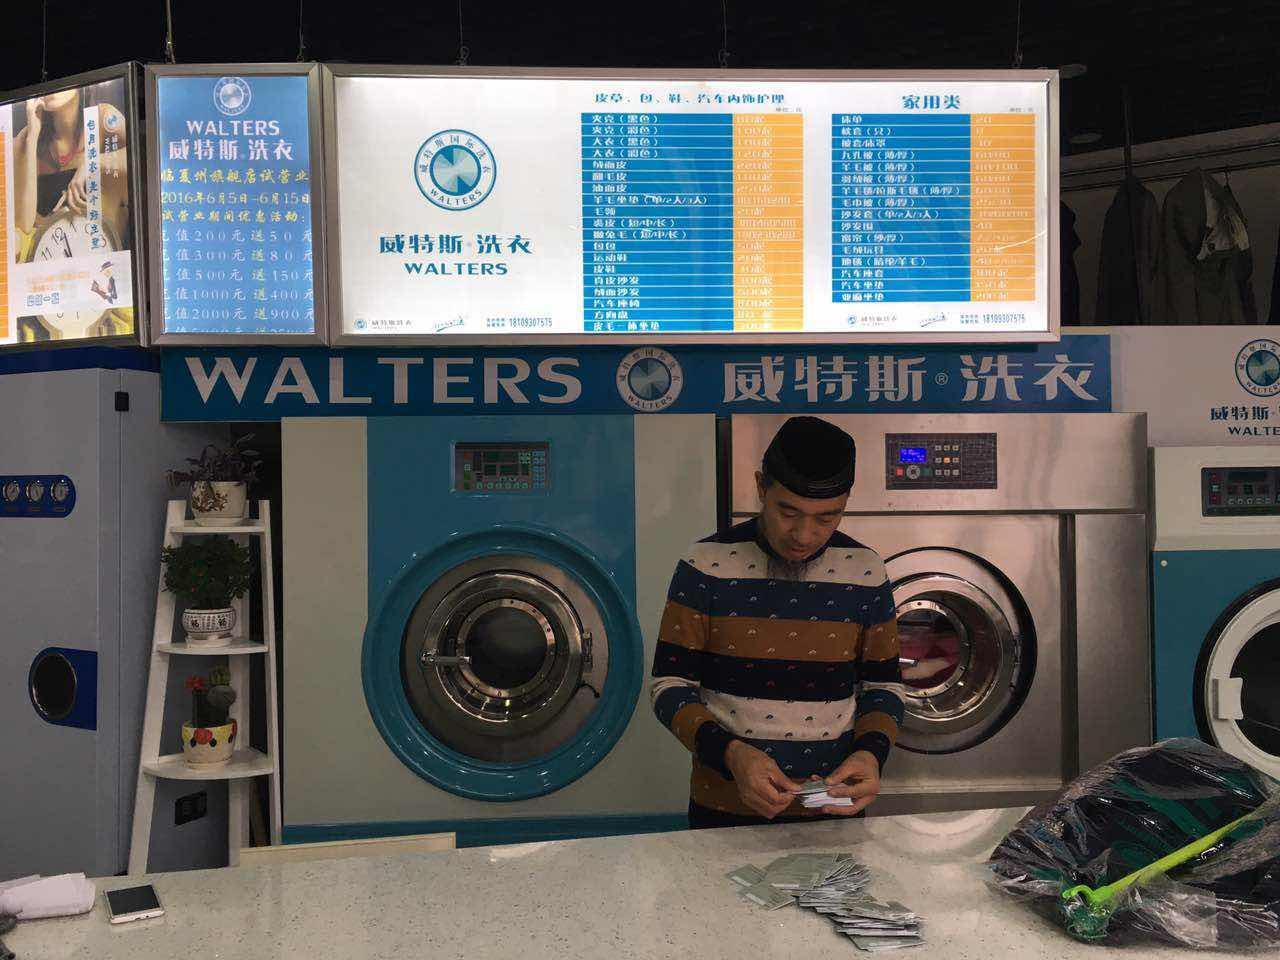 青岛投资威特斯干洗店需要多少钱